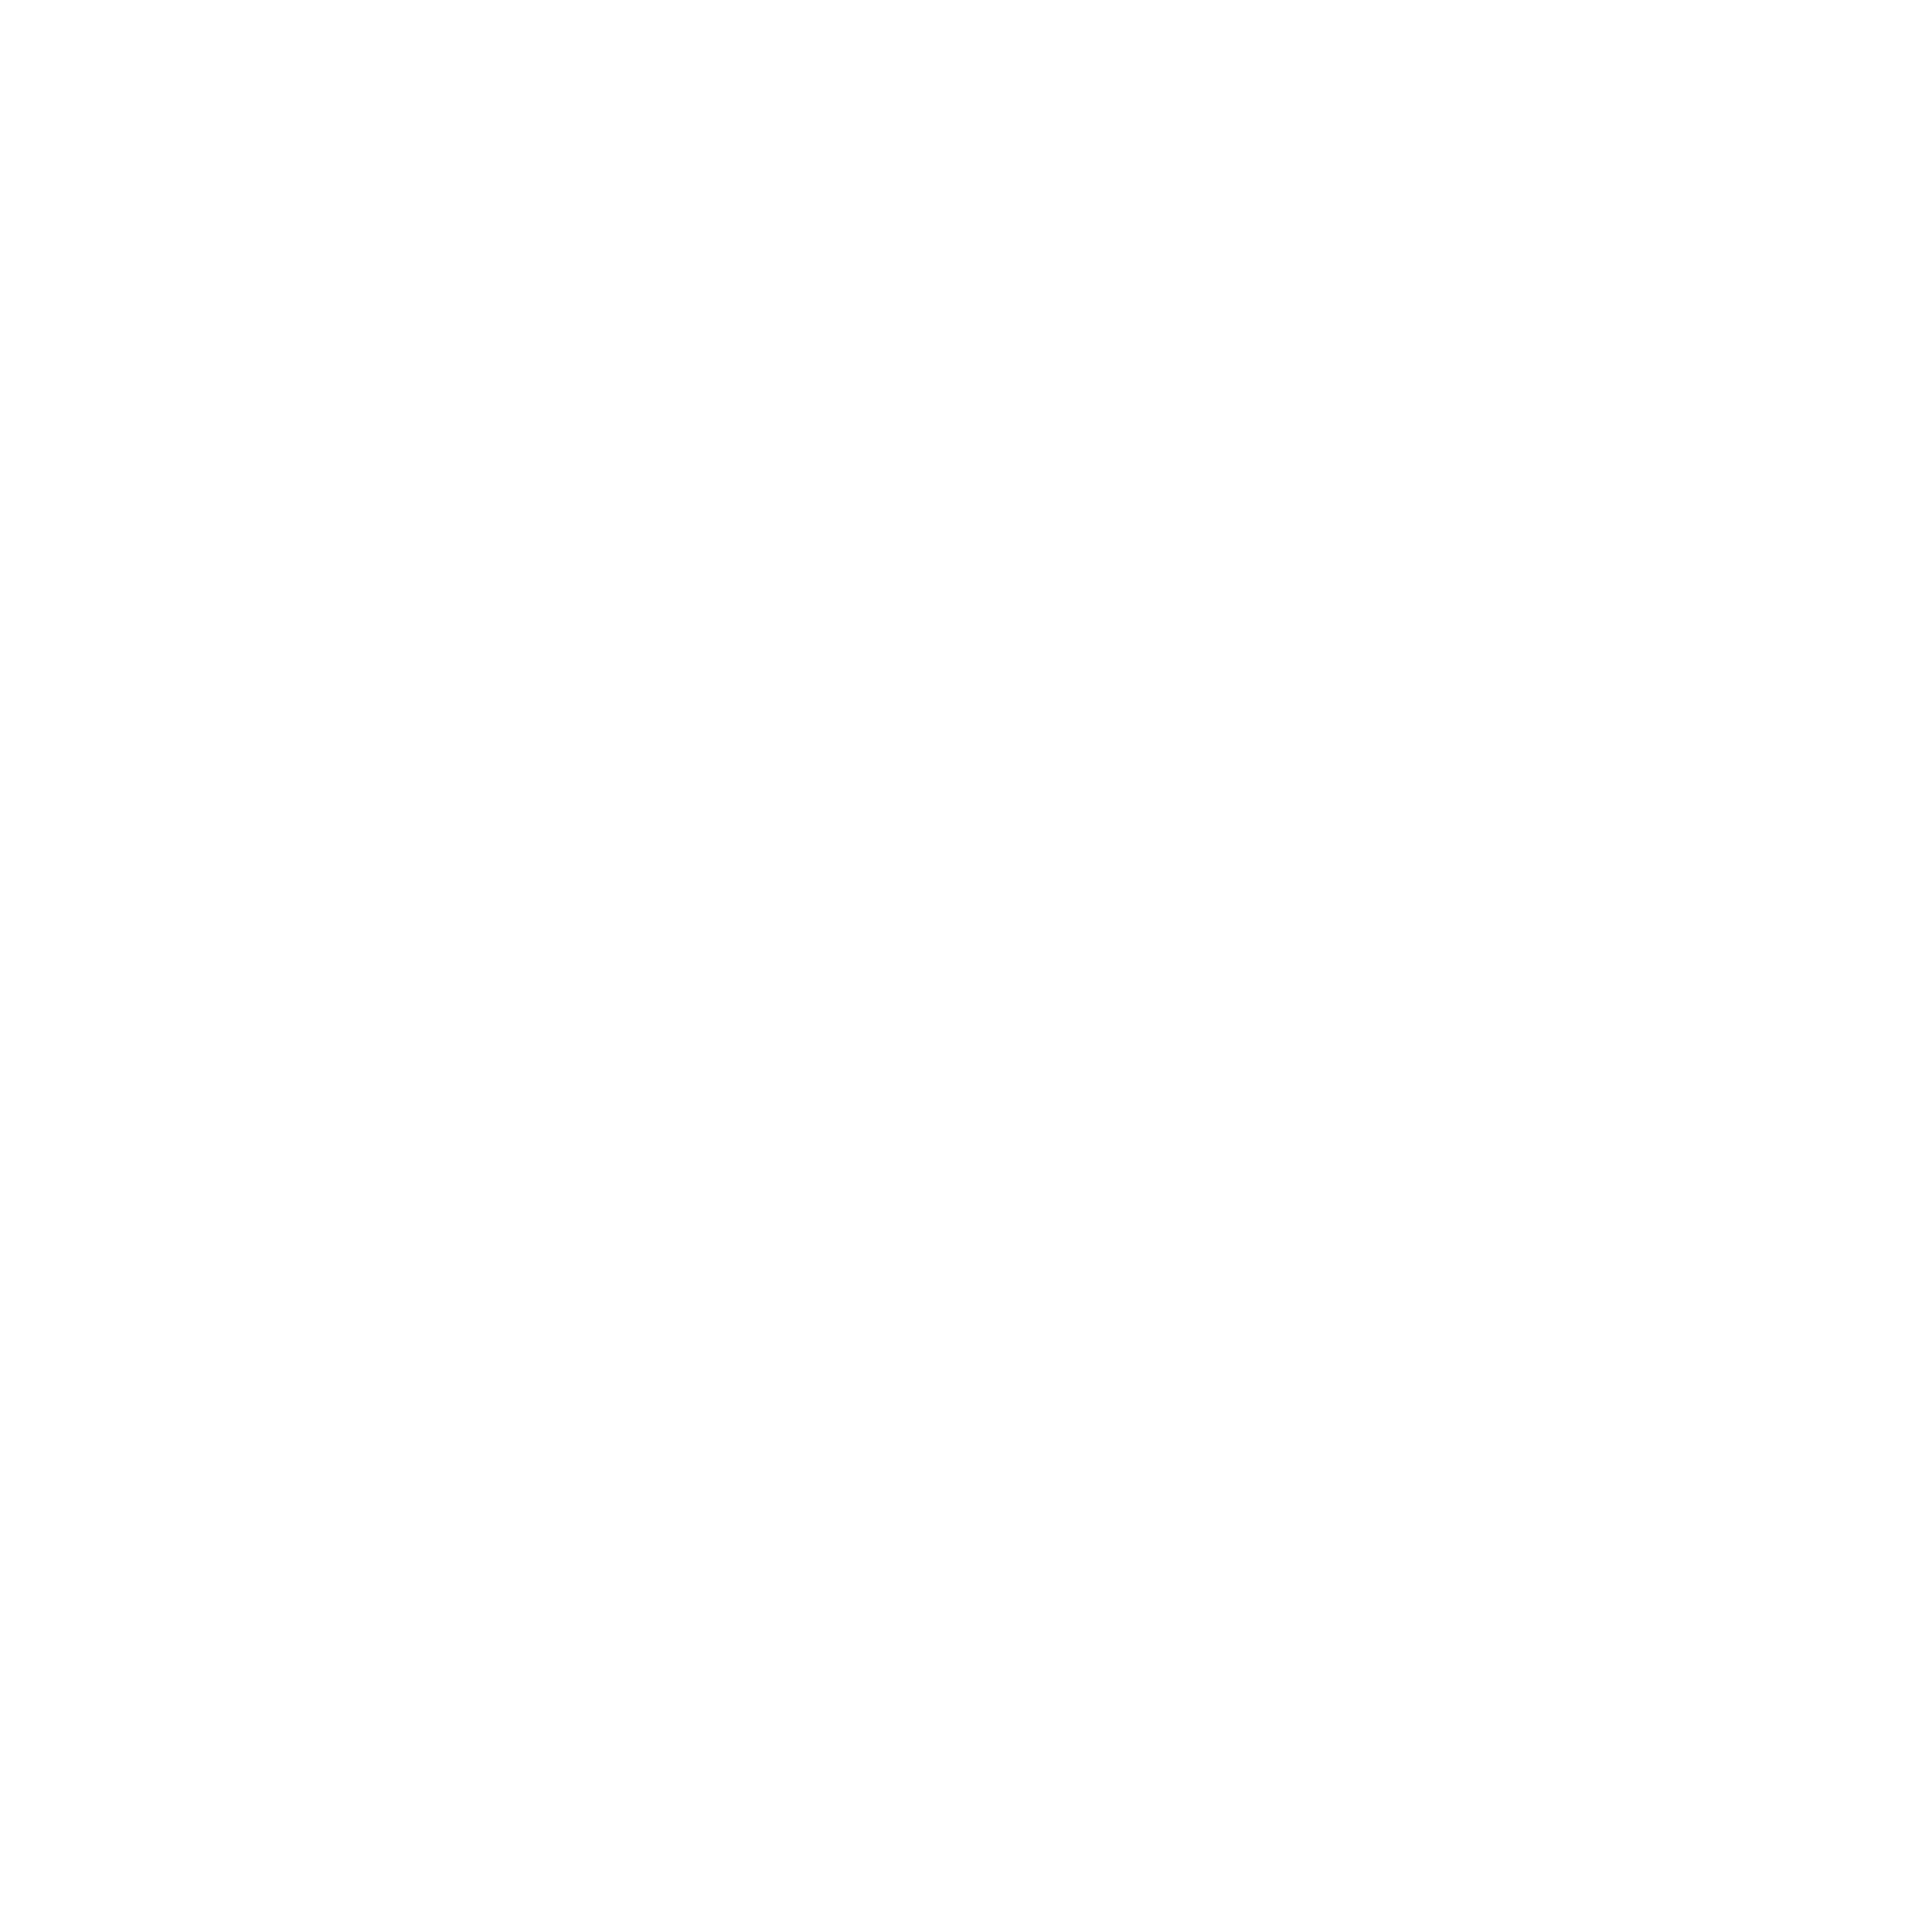 NRIA - Partner Logos-16 white.png